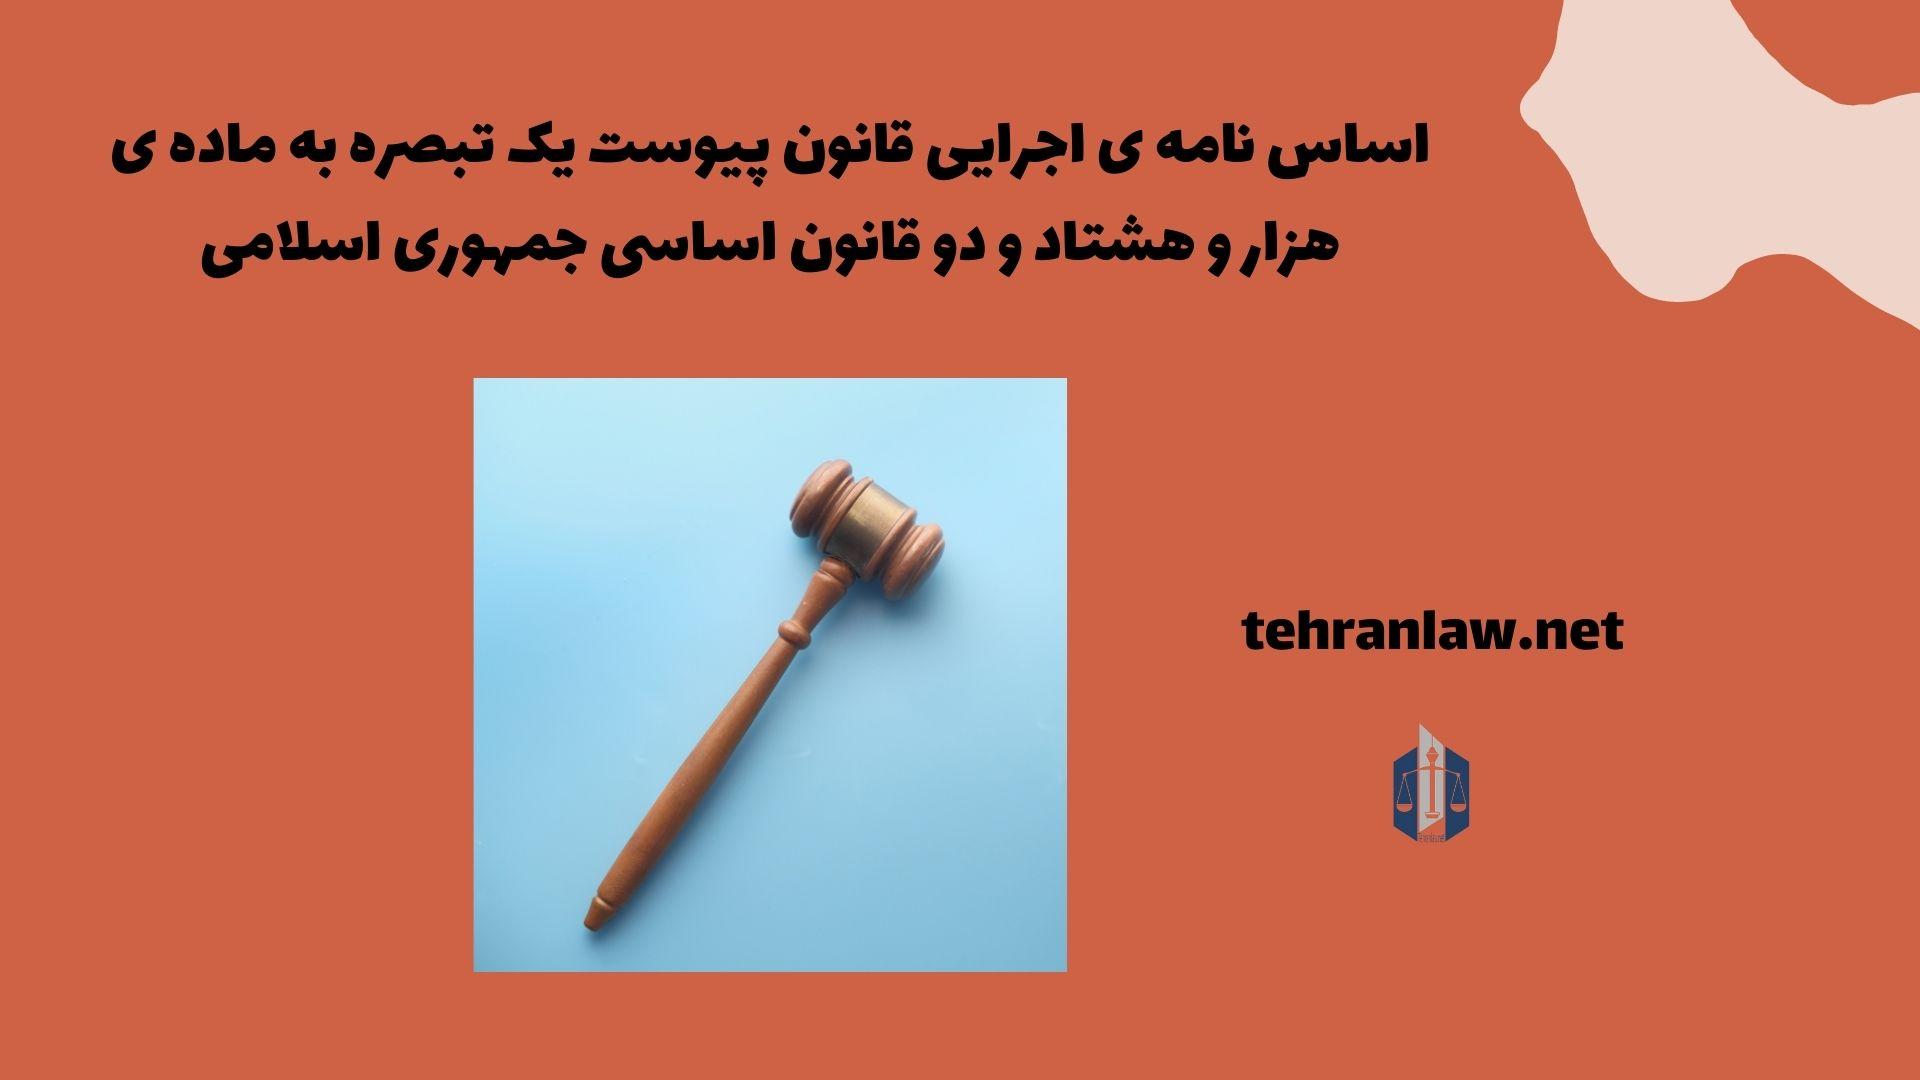 اساس نامه ی اجرایی قانون پیوست یک تبصره به ماده ی هزار و هشتاد و دو قانون اساسی جمهوری اسلامی